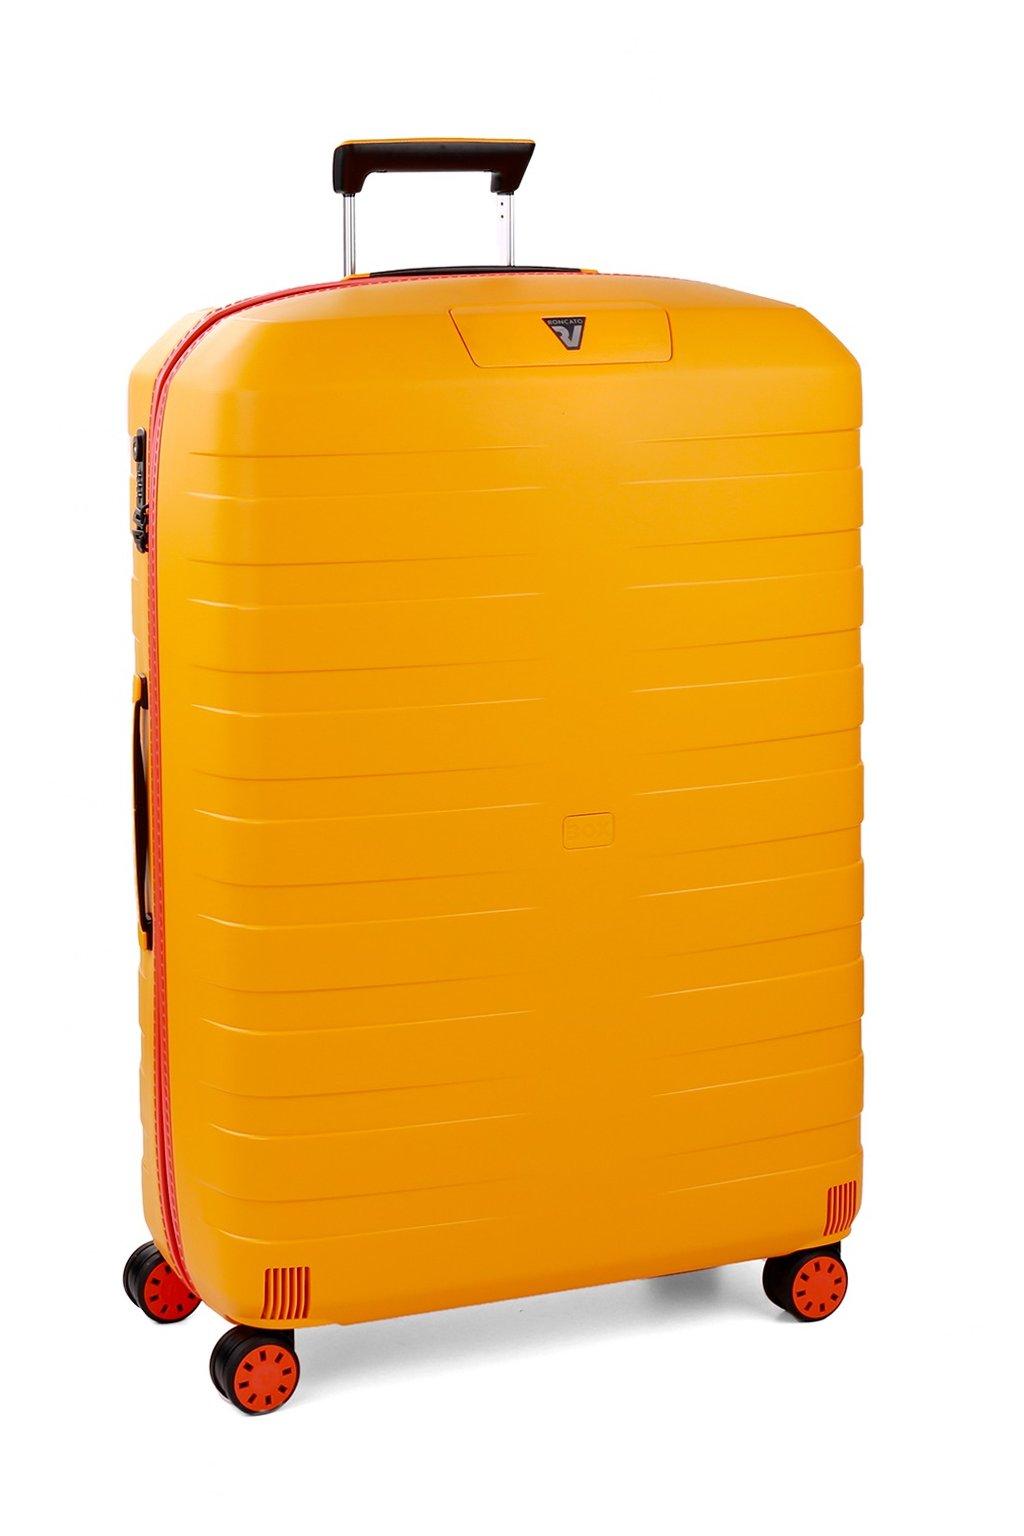 kufrland roncato boxyoung yellow l (1)